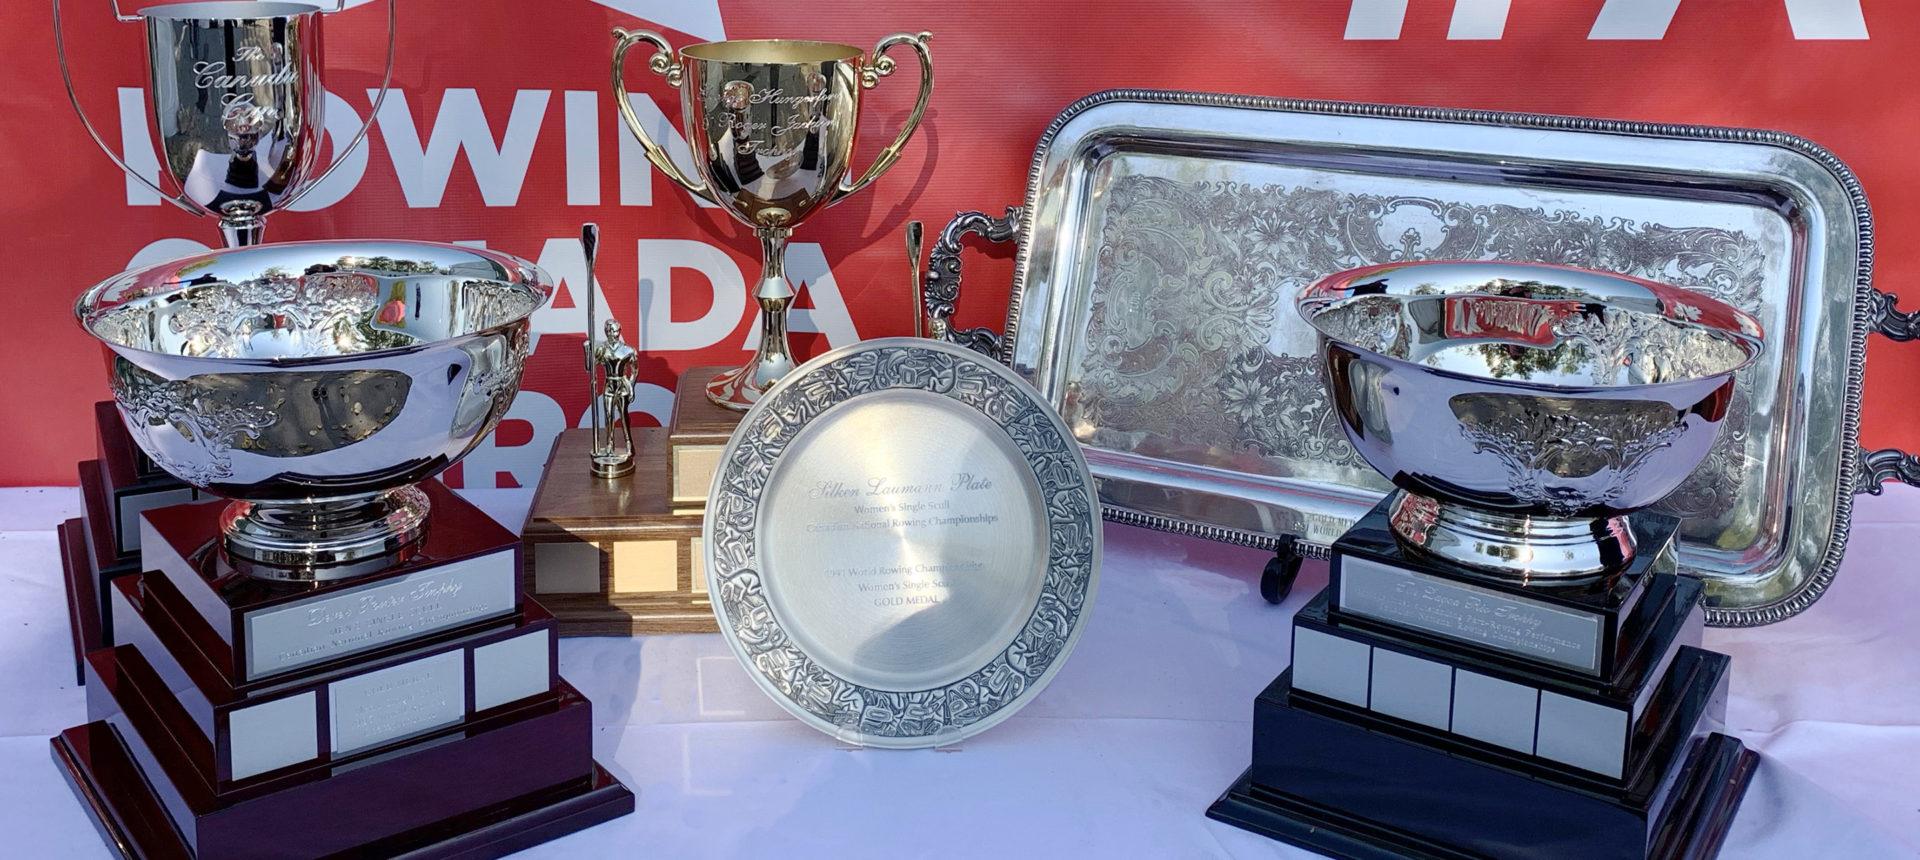 Six nouveaux trophées seront décernés aux Championnats nationaux d'aviron de RCA